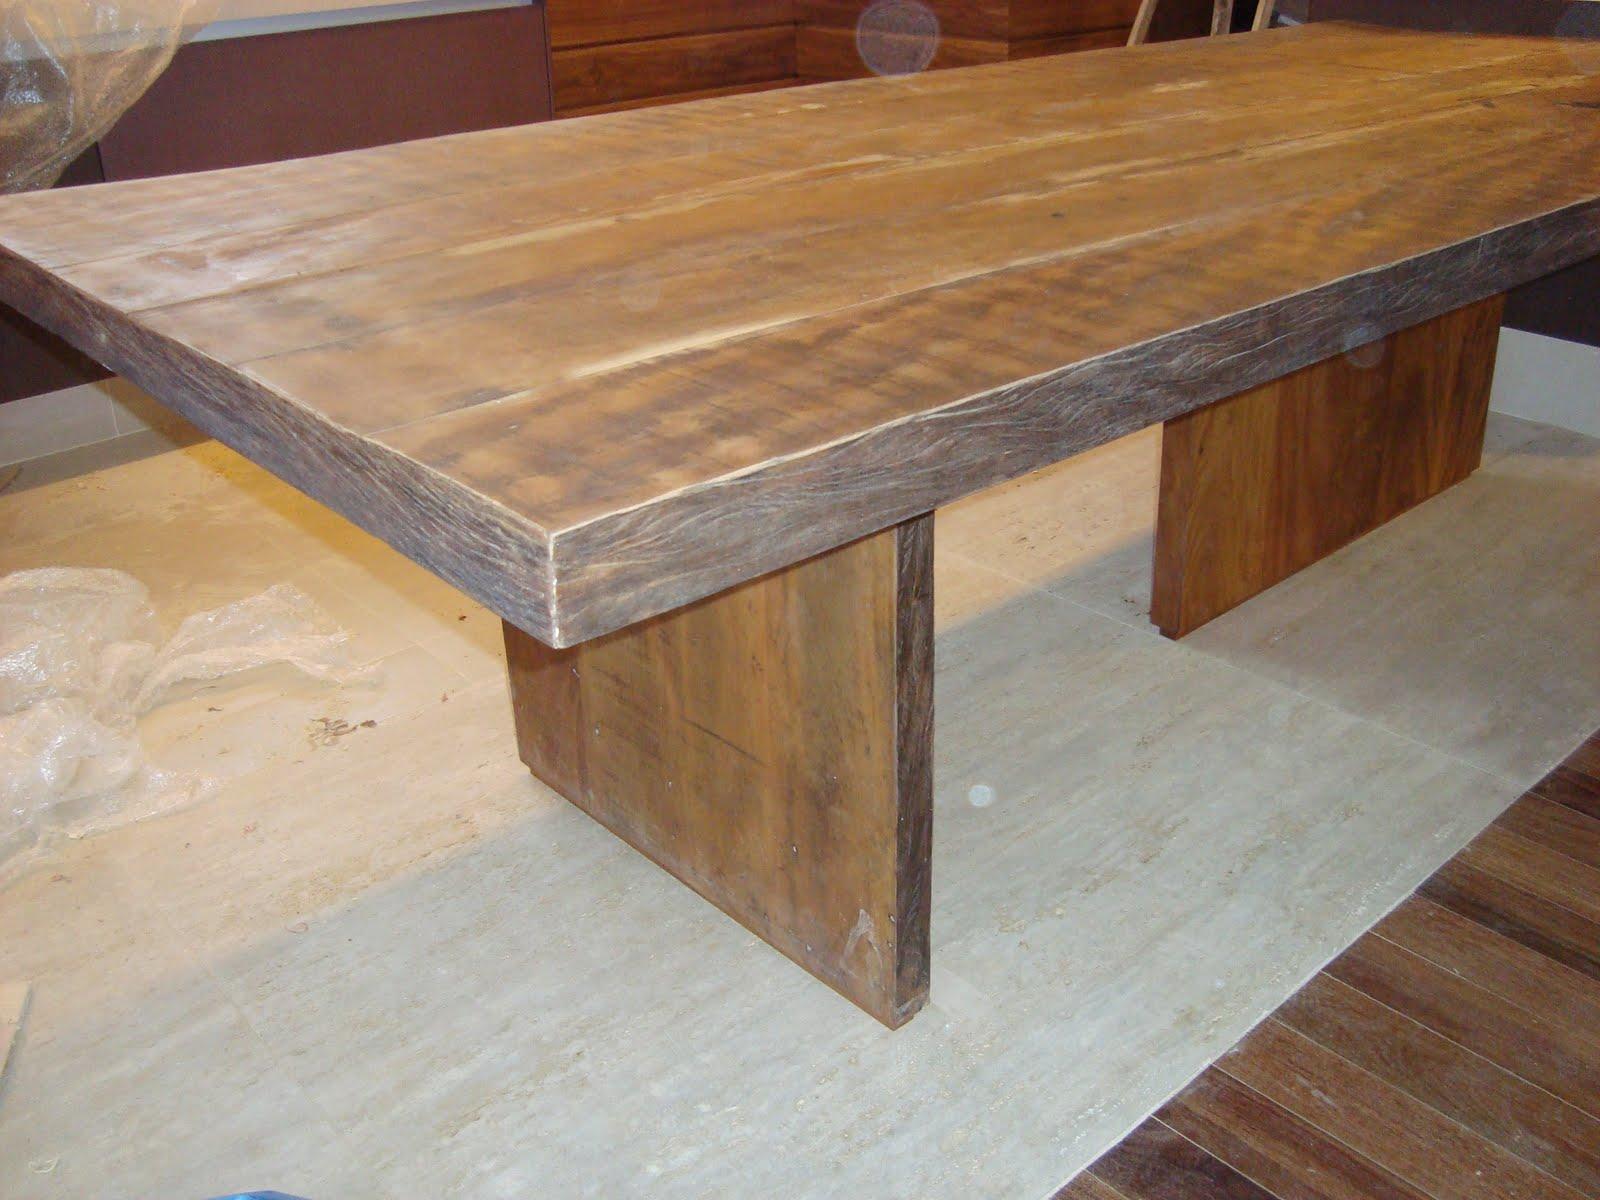 Madeira Brazil: Mesas e bancadas em madeira maciça e de demolição #8F693C 1600 1200